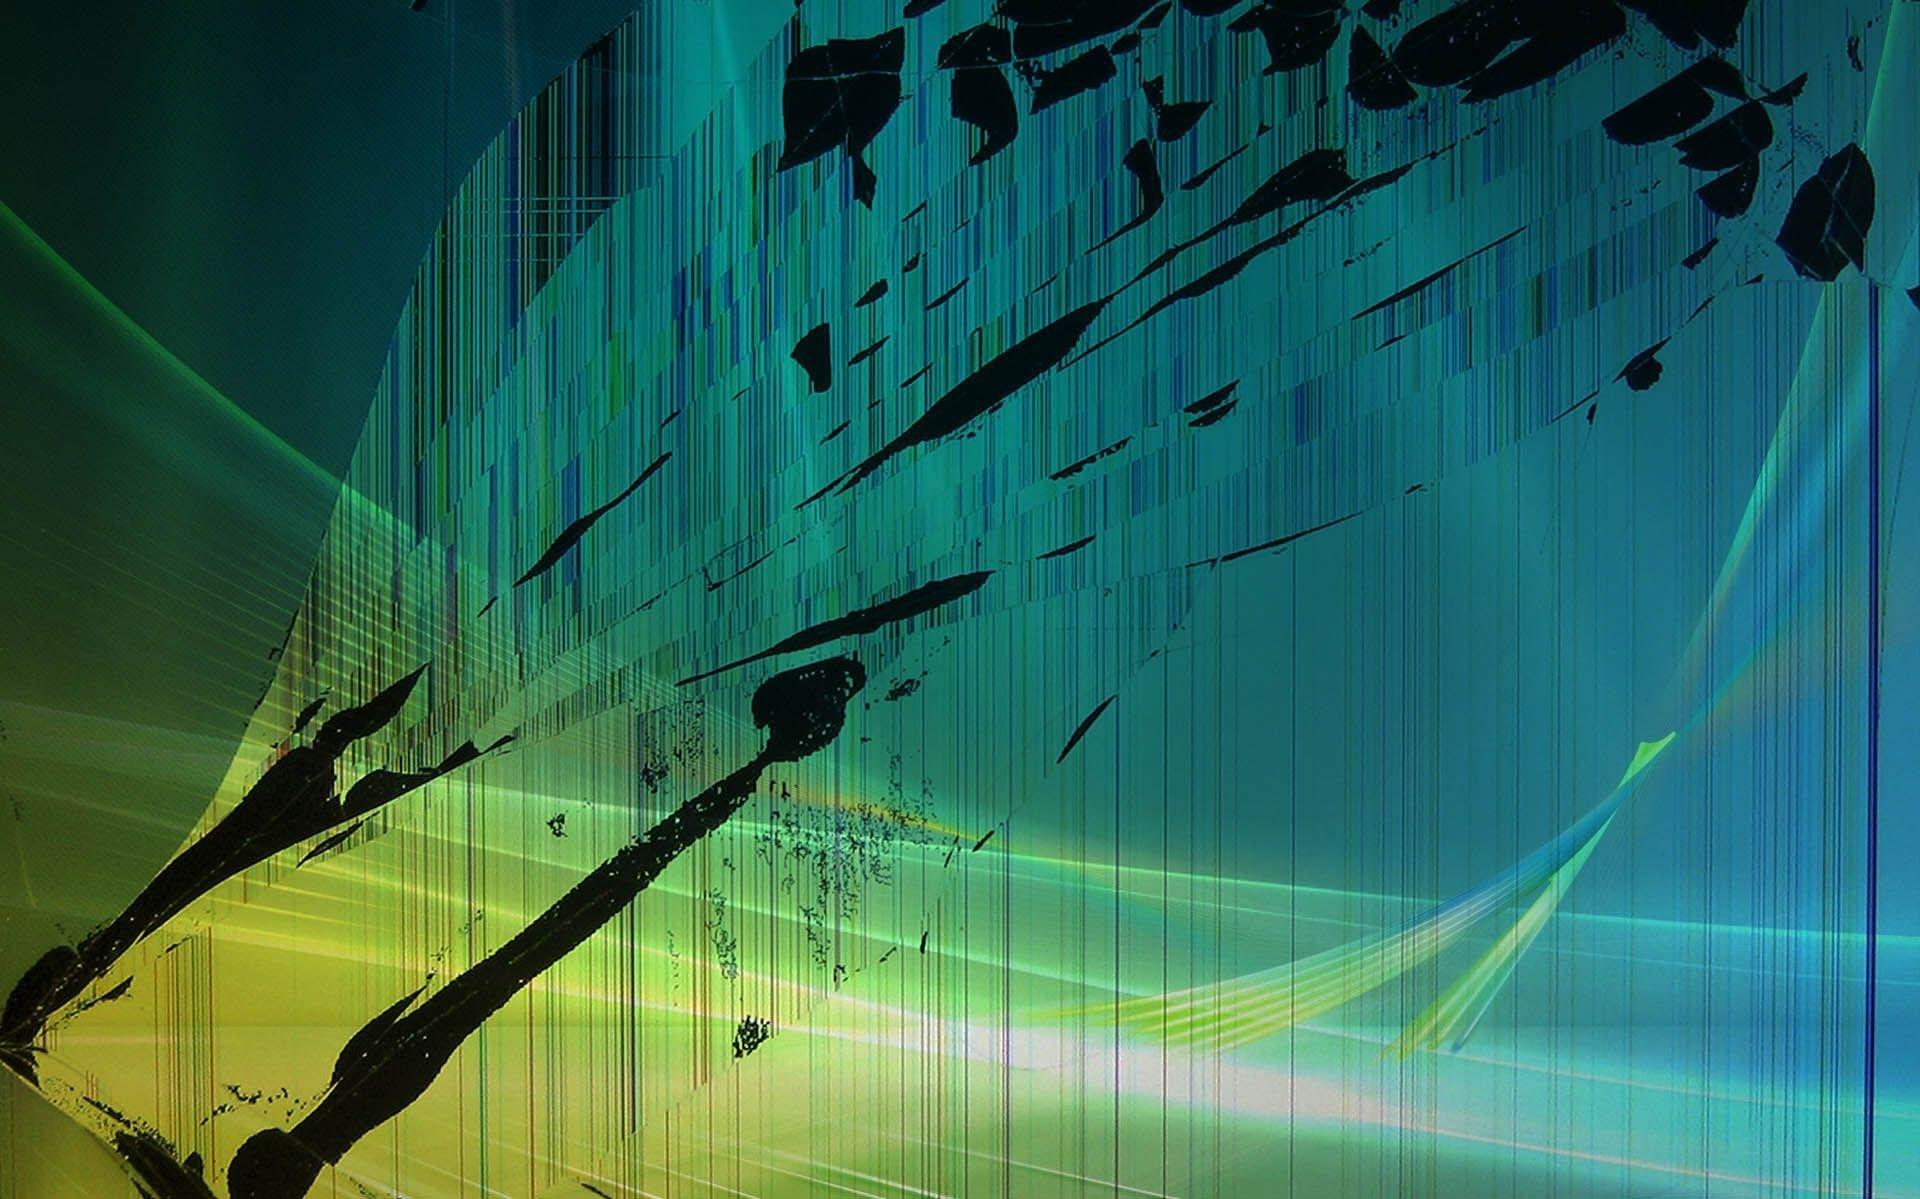 broken phone screen wallpaper group | hd wallpapers | pinterest